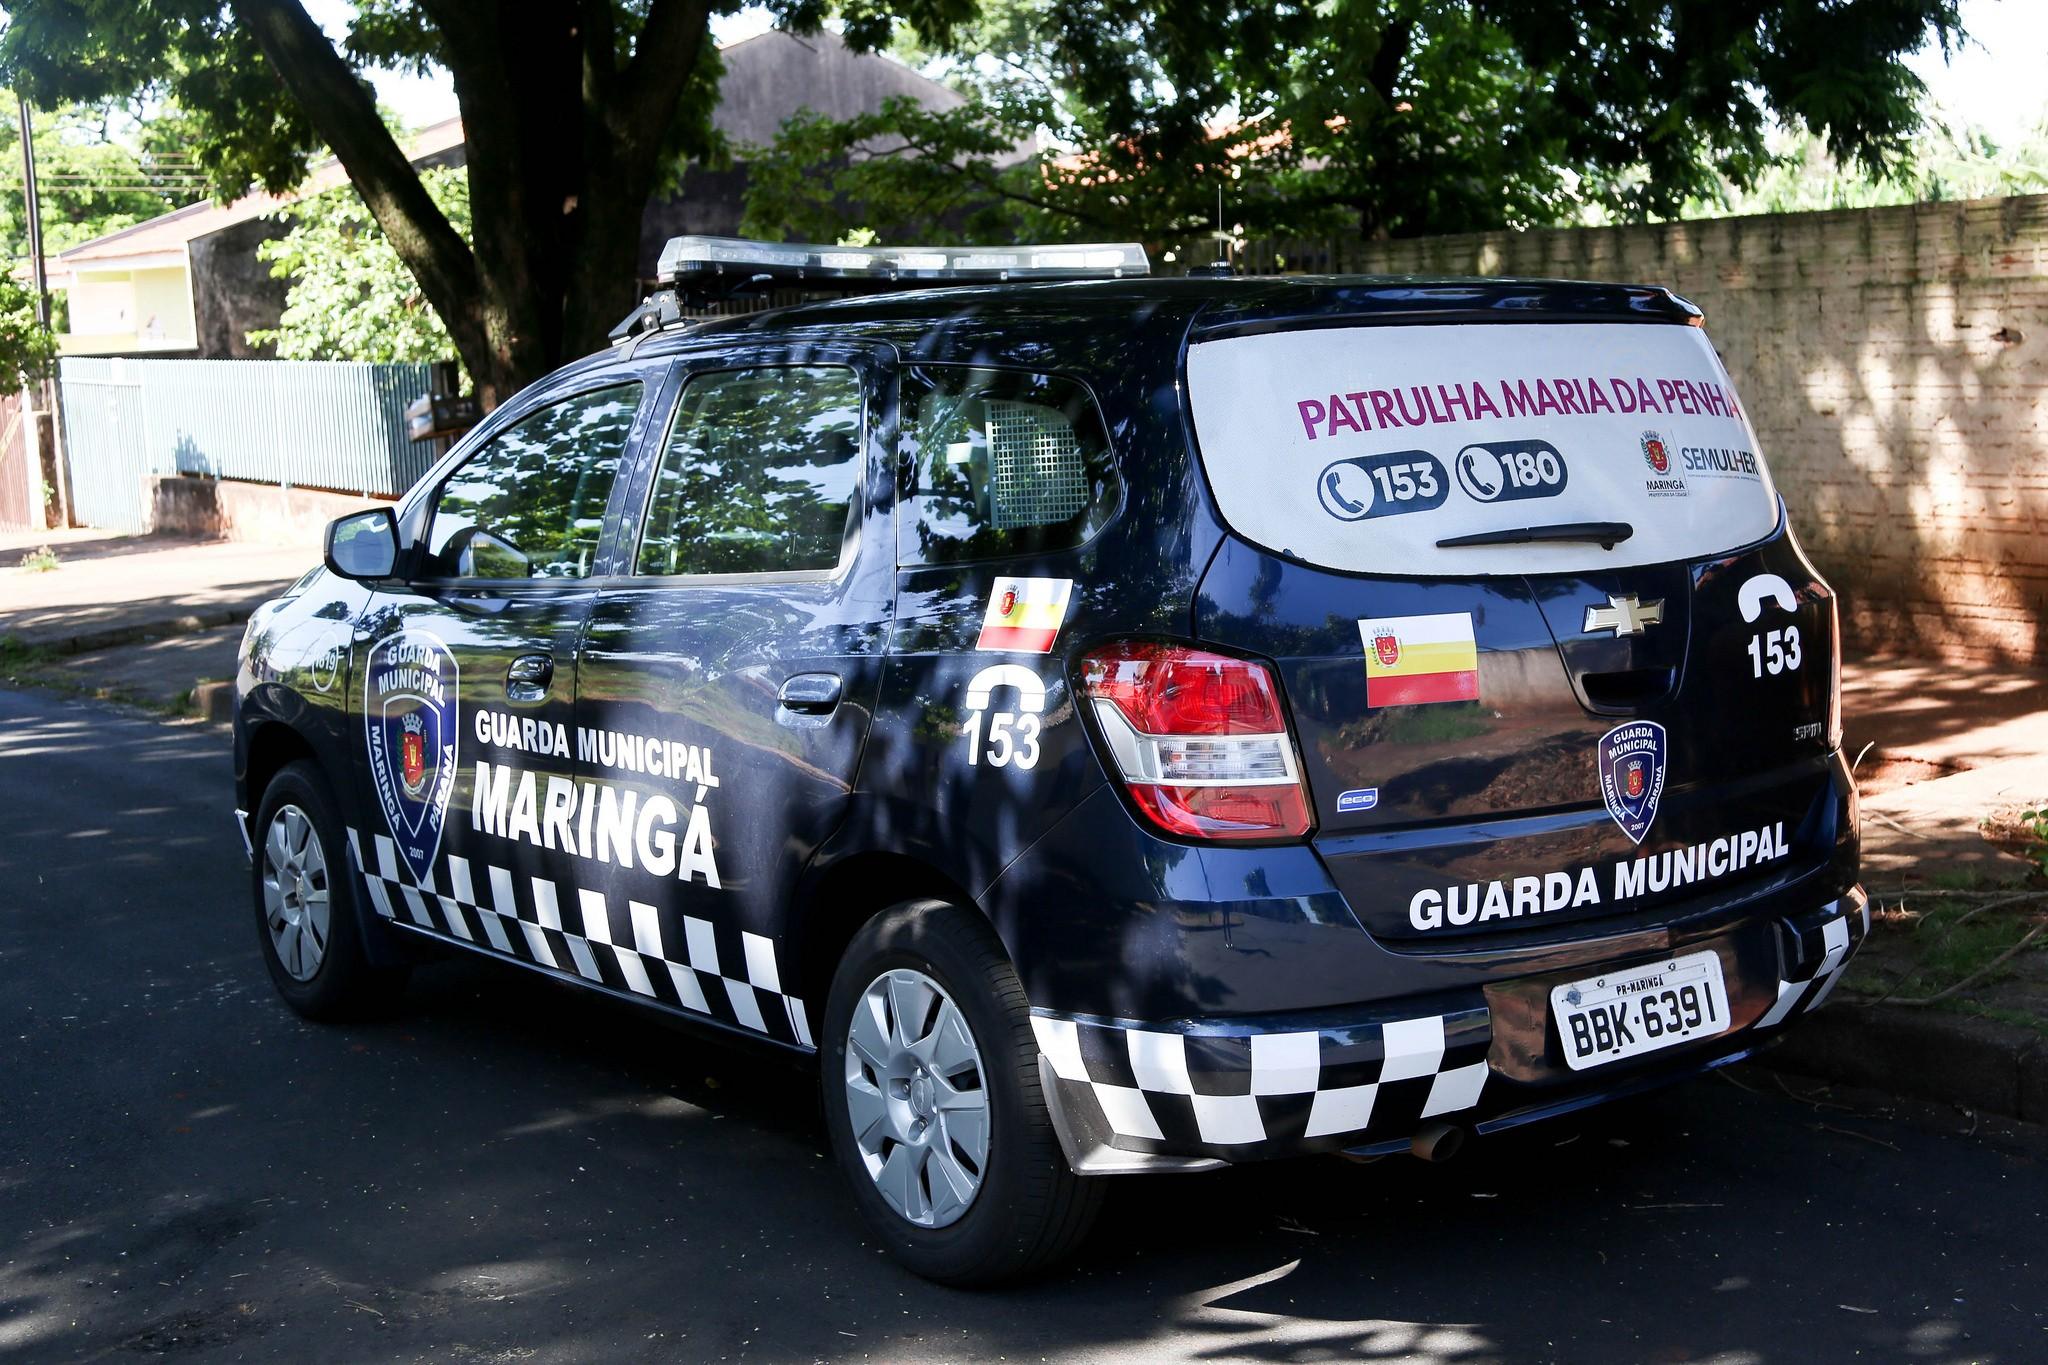 Oito homens foram presos pela Patrulha Maria da Penha em Maringá por desrespeitar medida protetiva